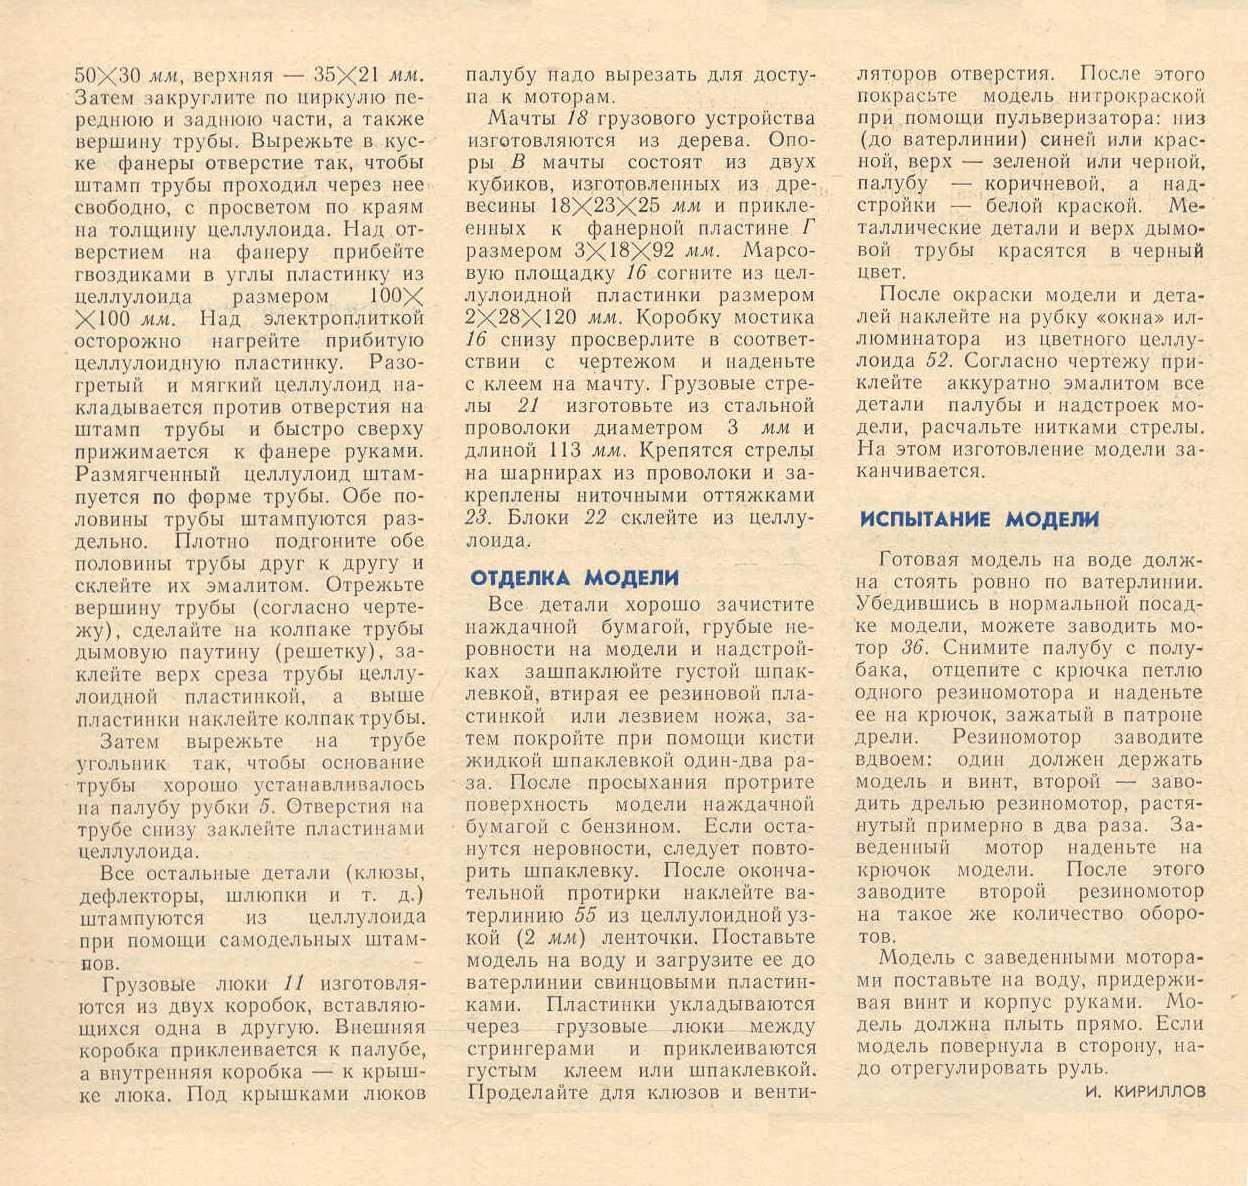 jmk640737-1.jpg